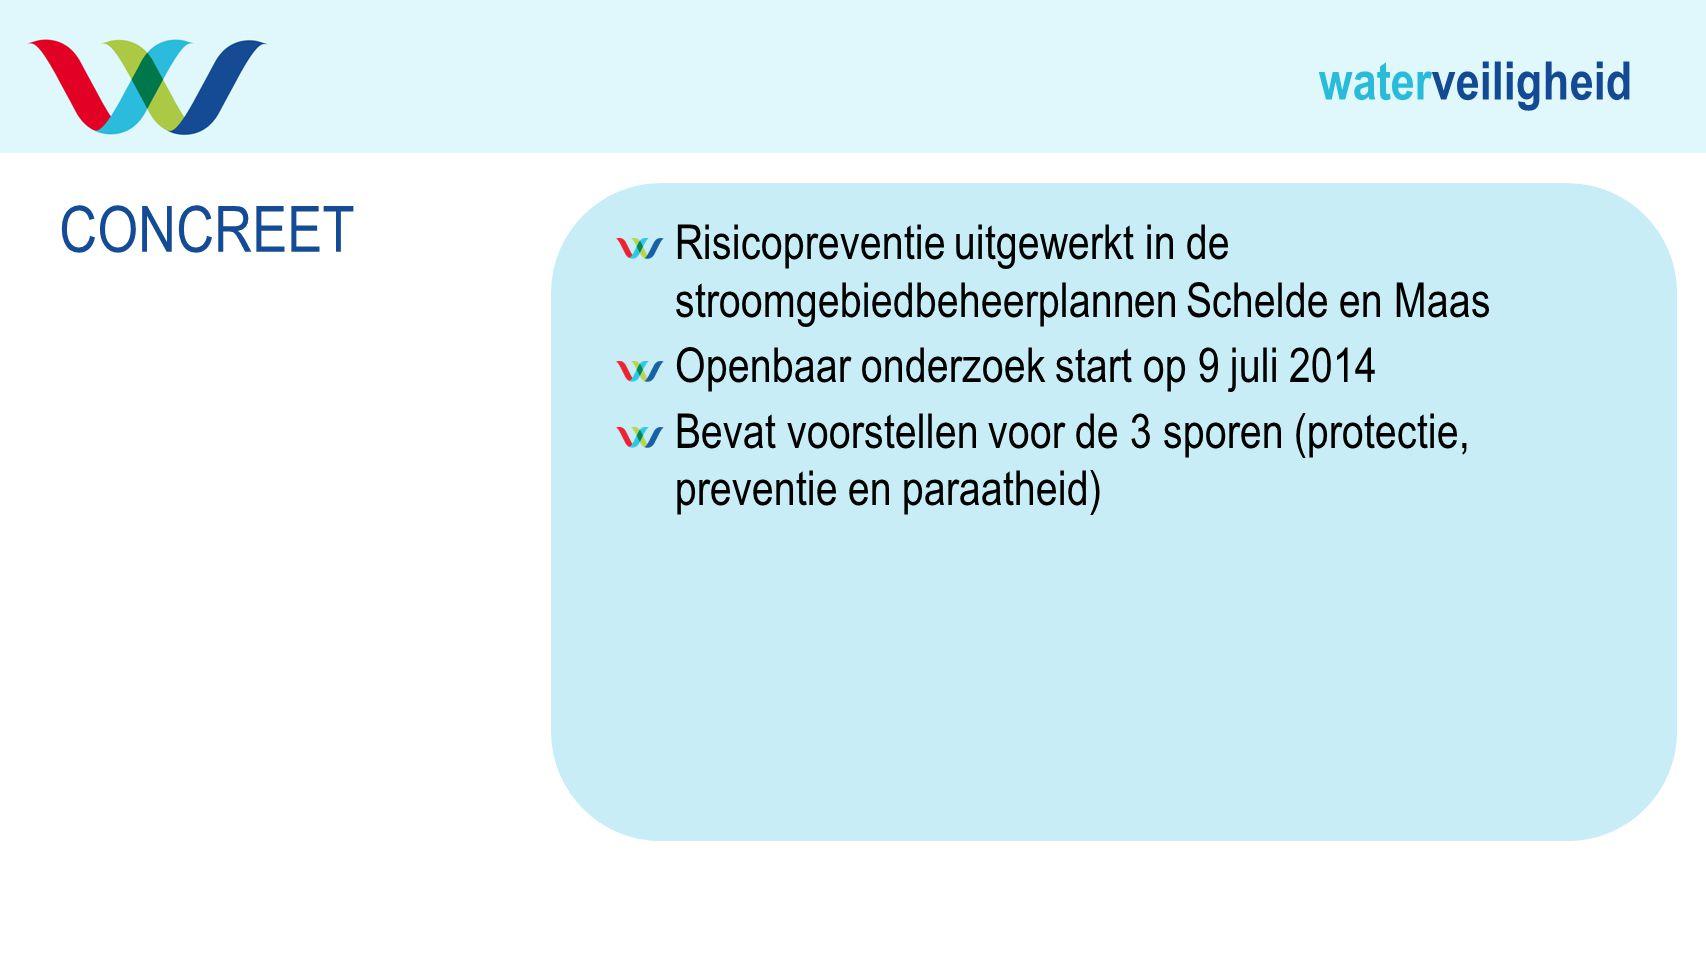 CONCREET Risicopreventie uitgewerkt in de stroomgebiedbeheerplannen Schelde en Maas. Openbaar onderzoek start op 9 juli 2014.